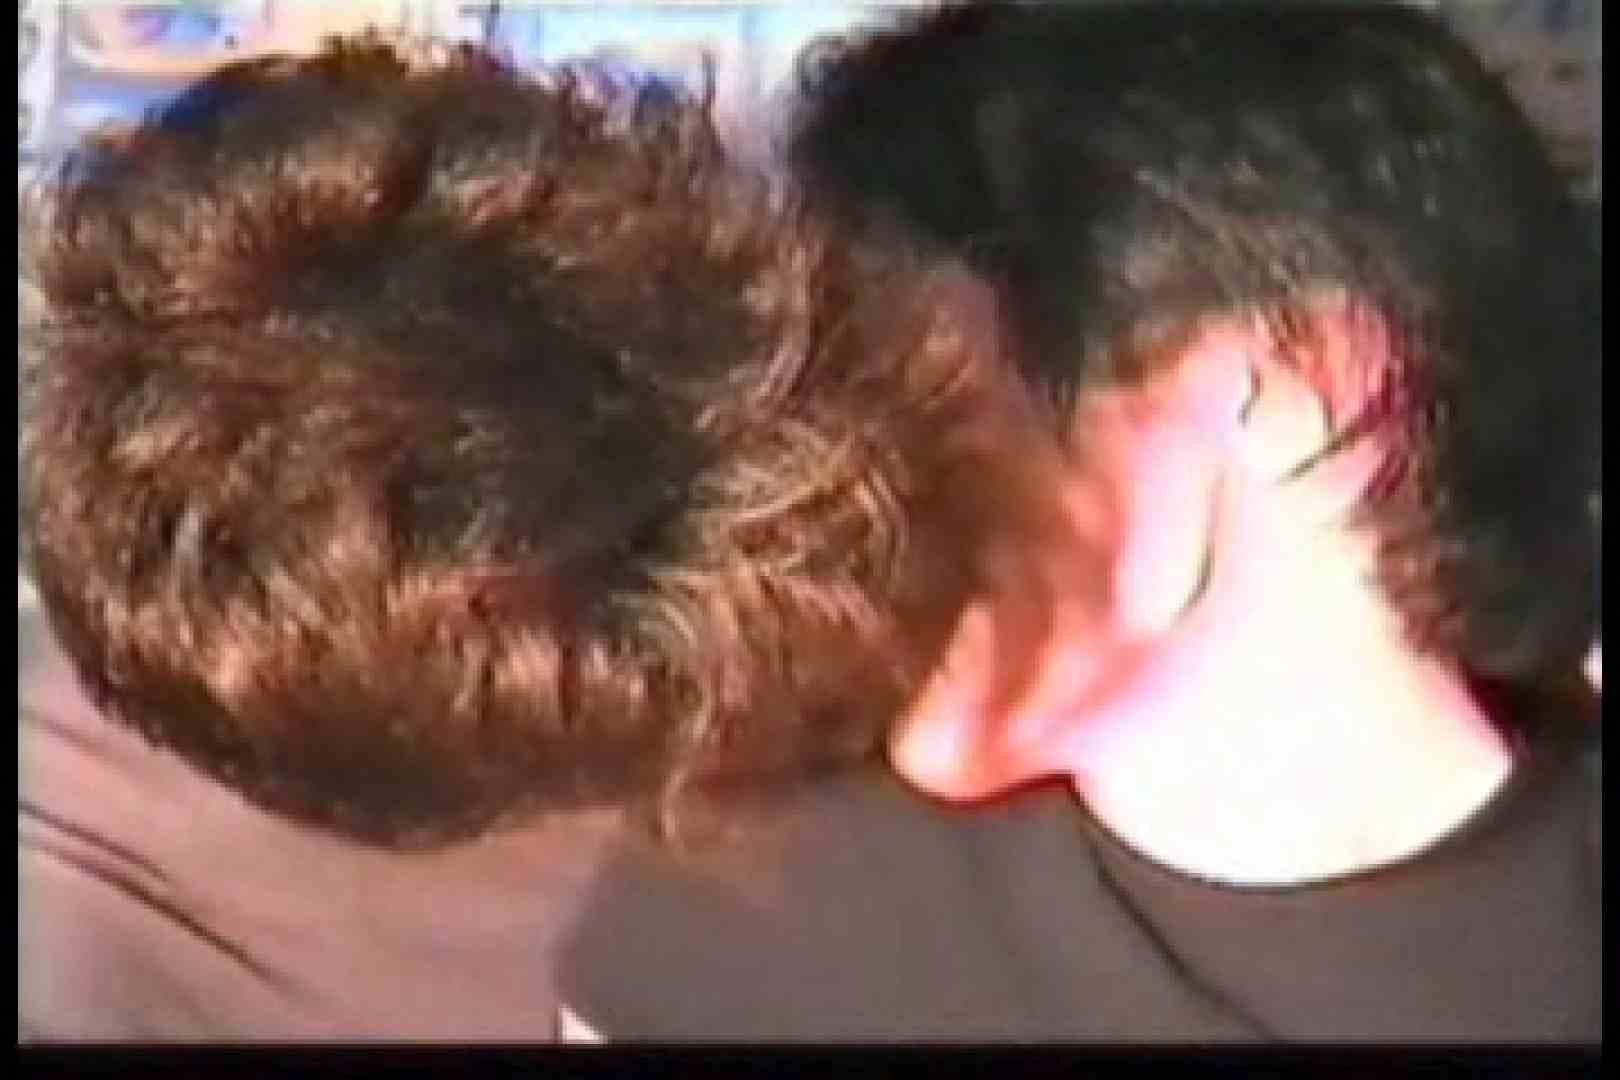 【投稿作品】秘蔵流出ビデオ!!甘い追憶 生挿入 ペニス画像 97枚 40